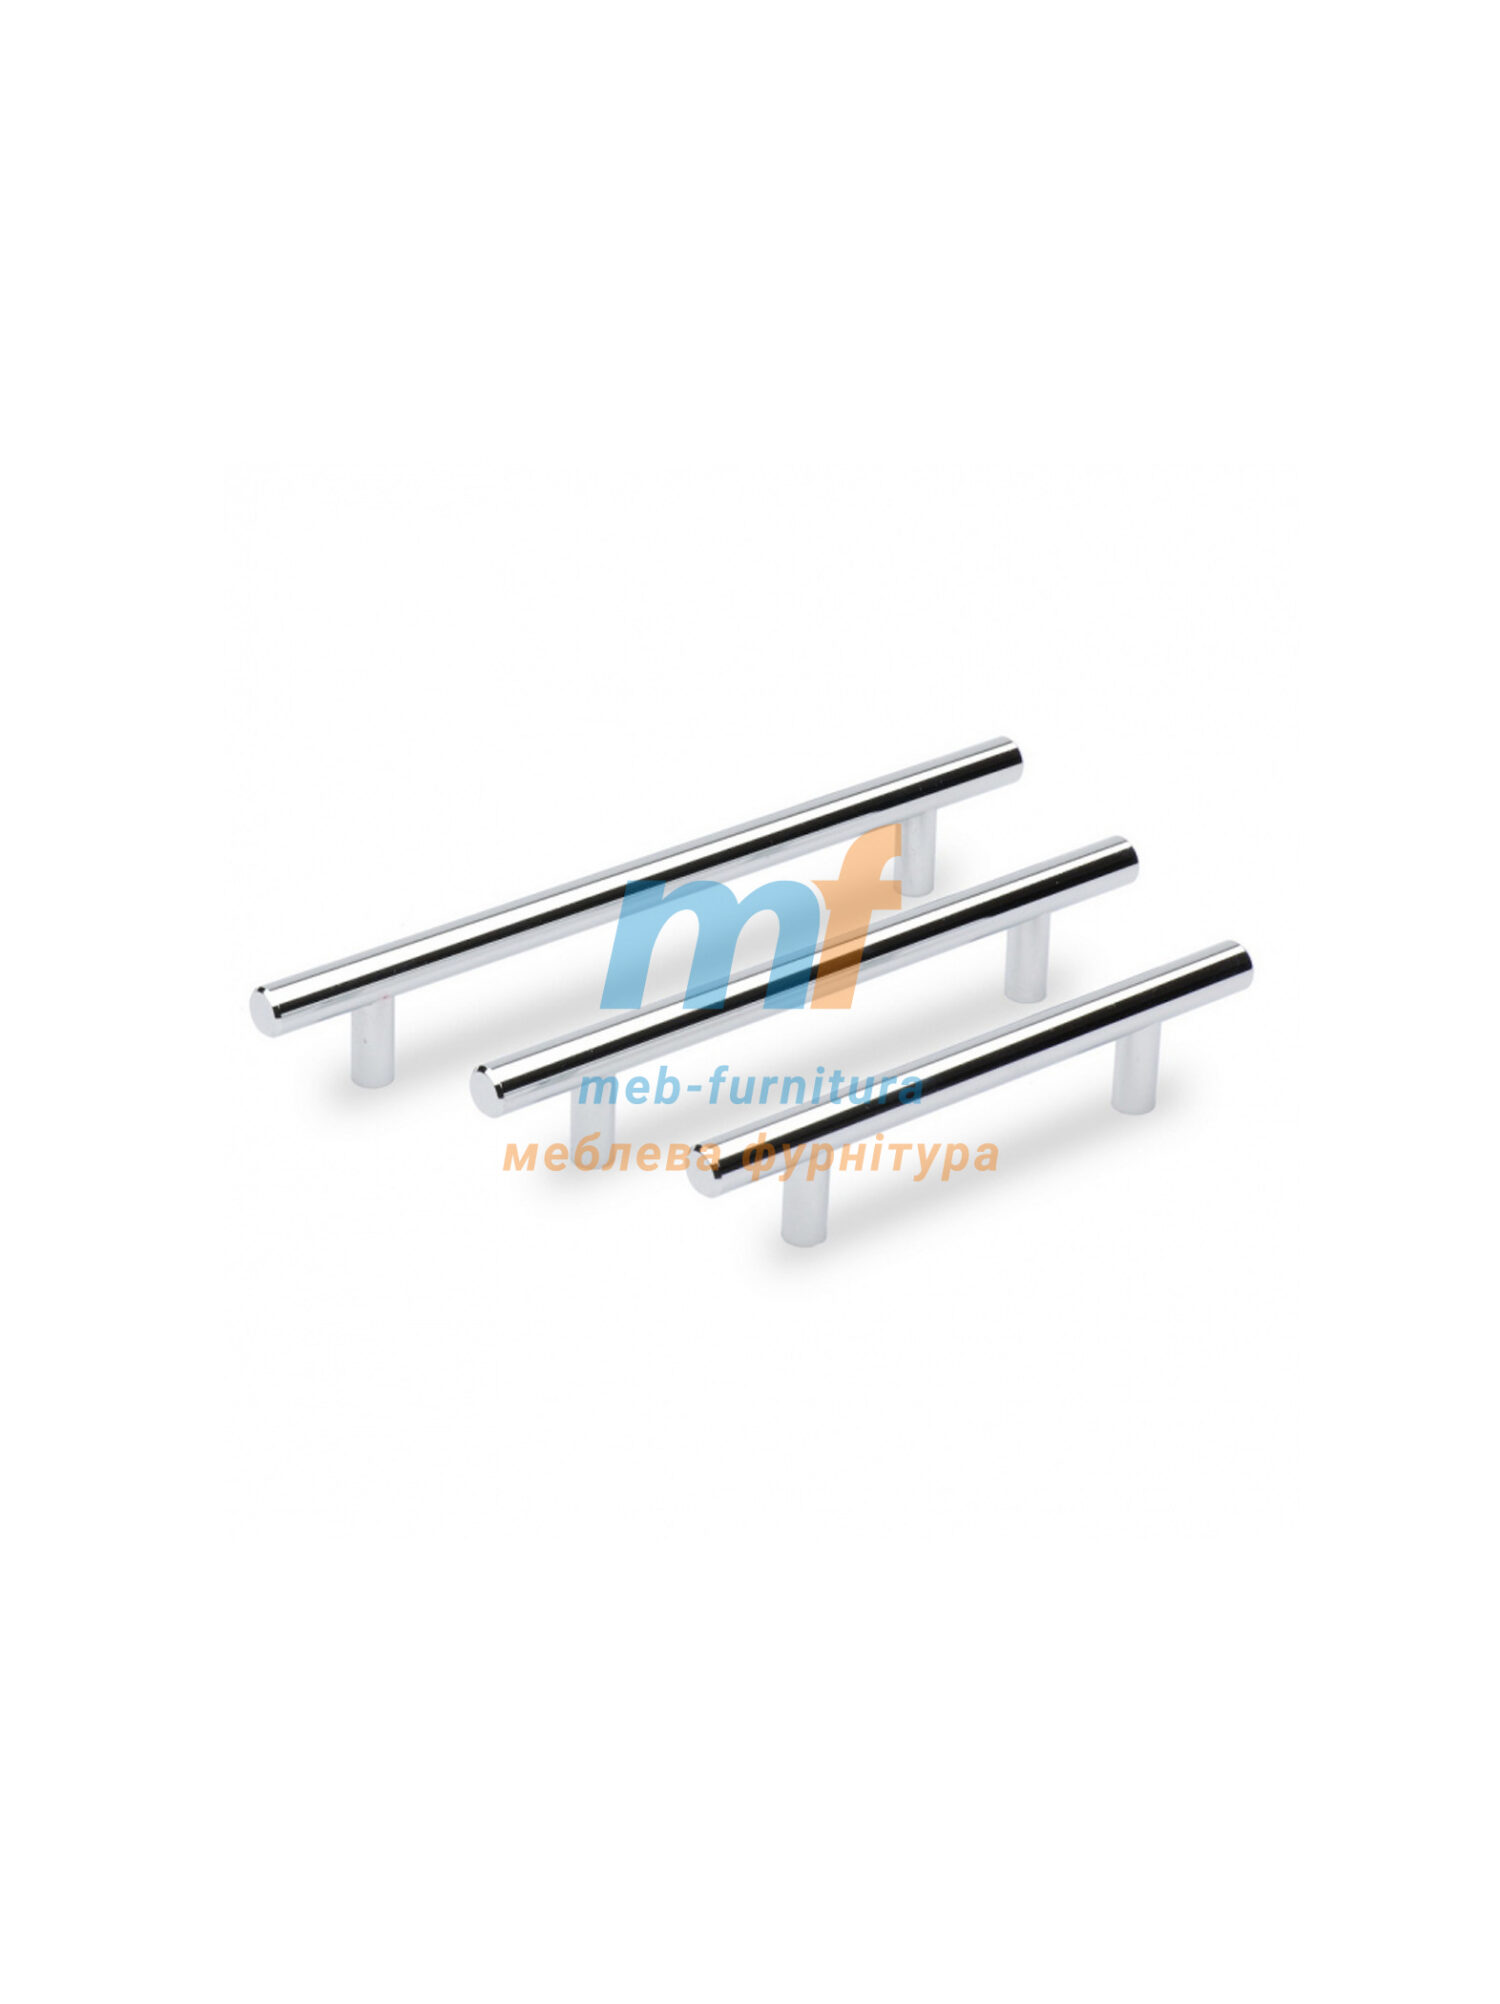 Ручка мебельная релинг 416мм - хром